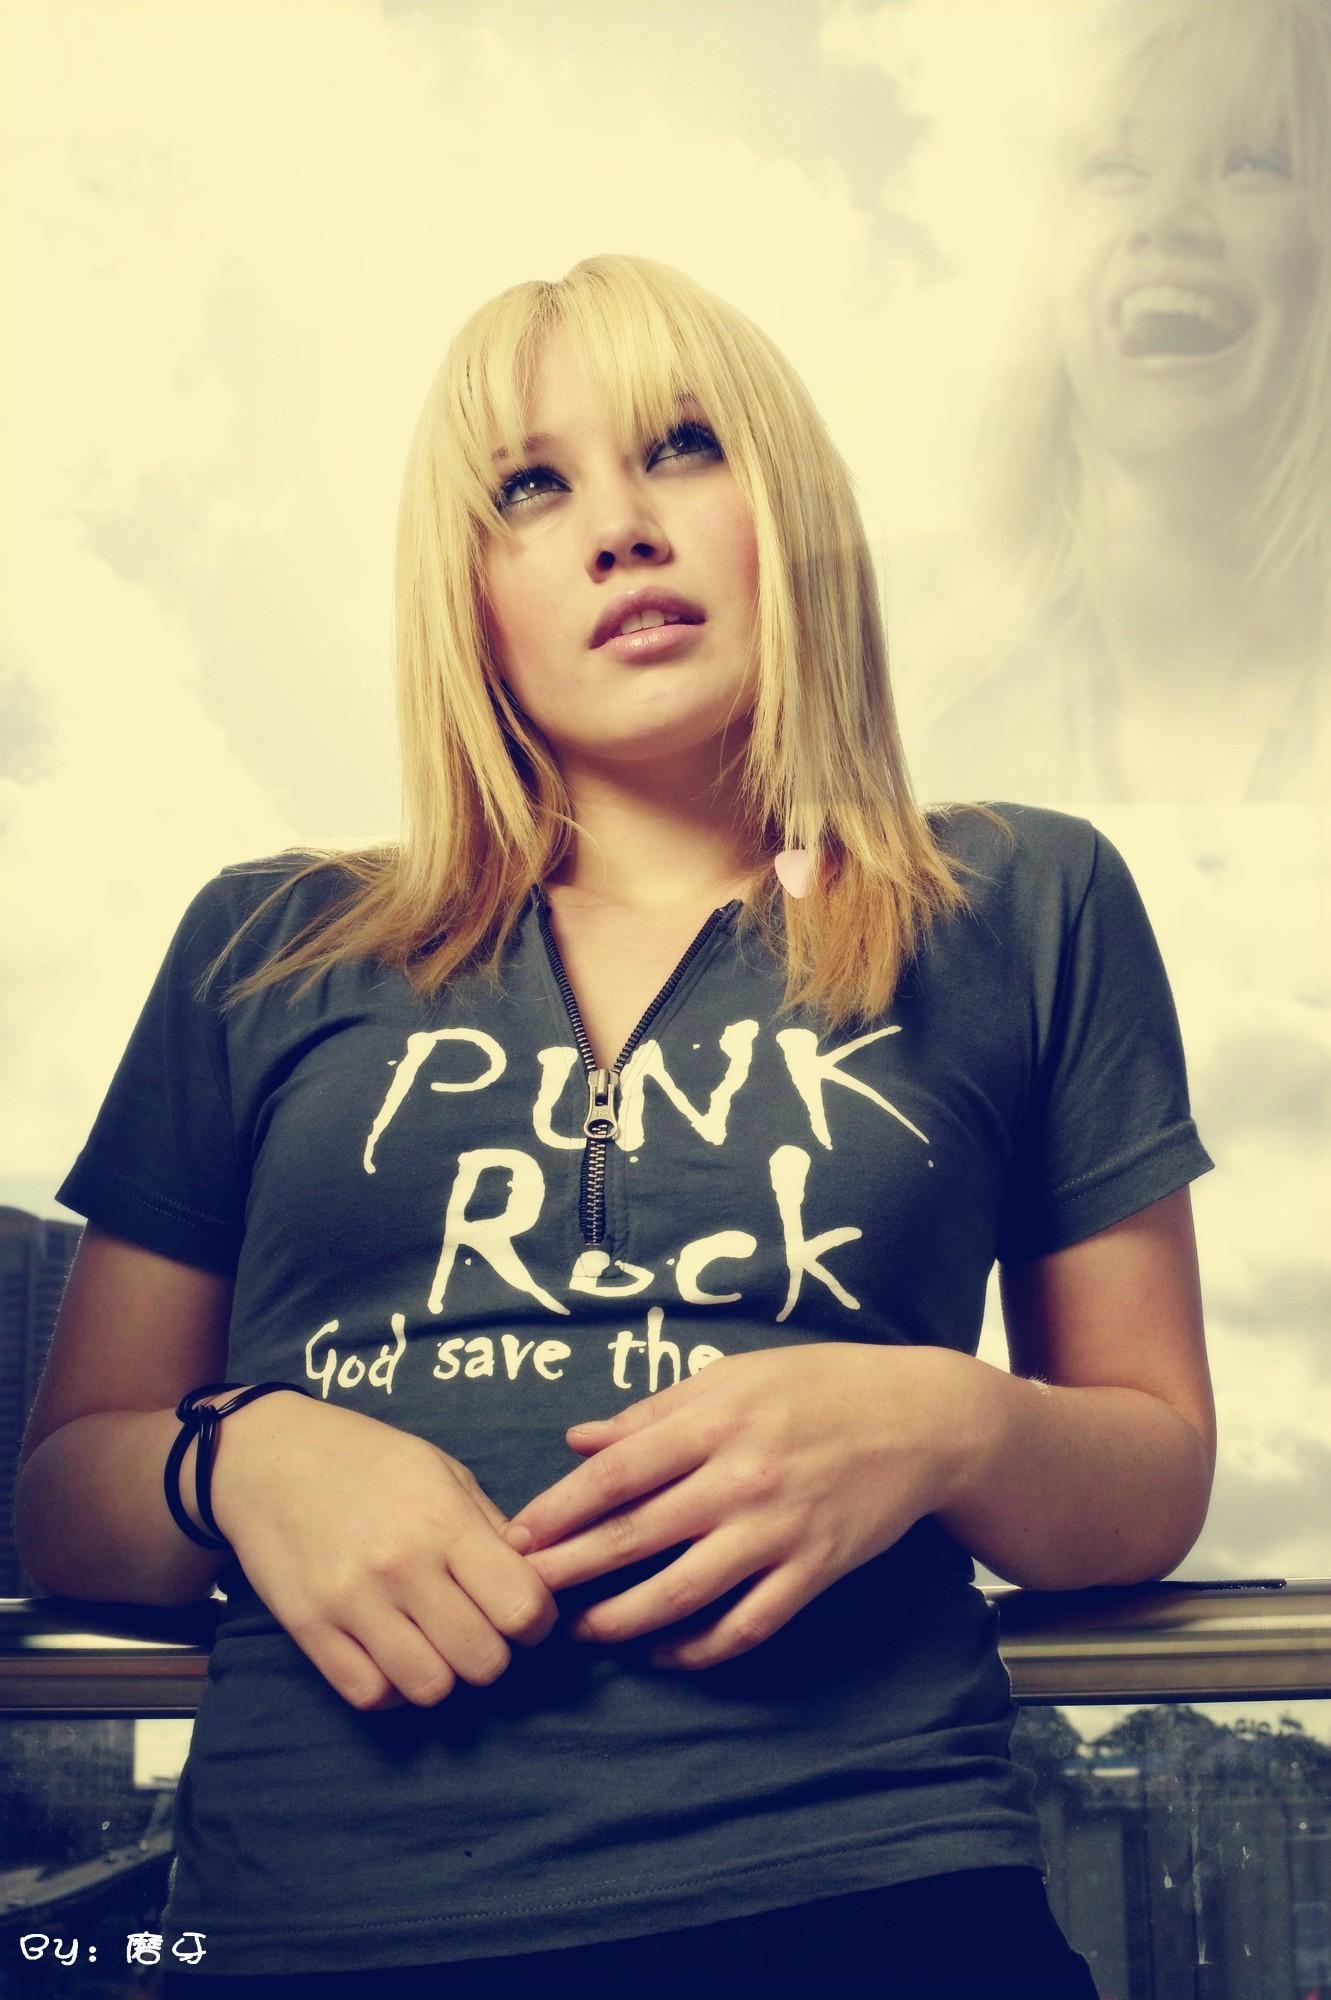 HD - Hilary Duff Fan Art (15045271) - Fanpop Hilary Duff Fan